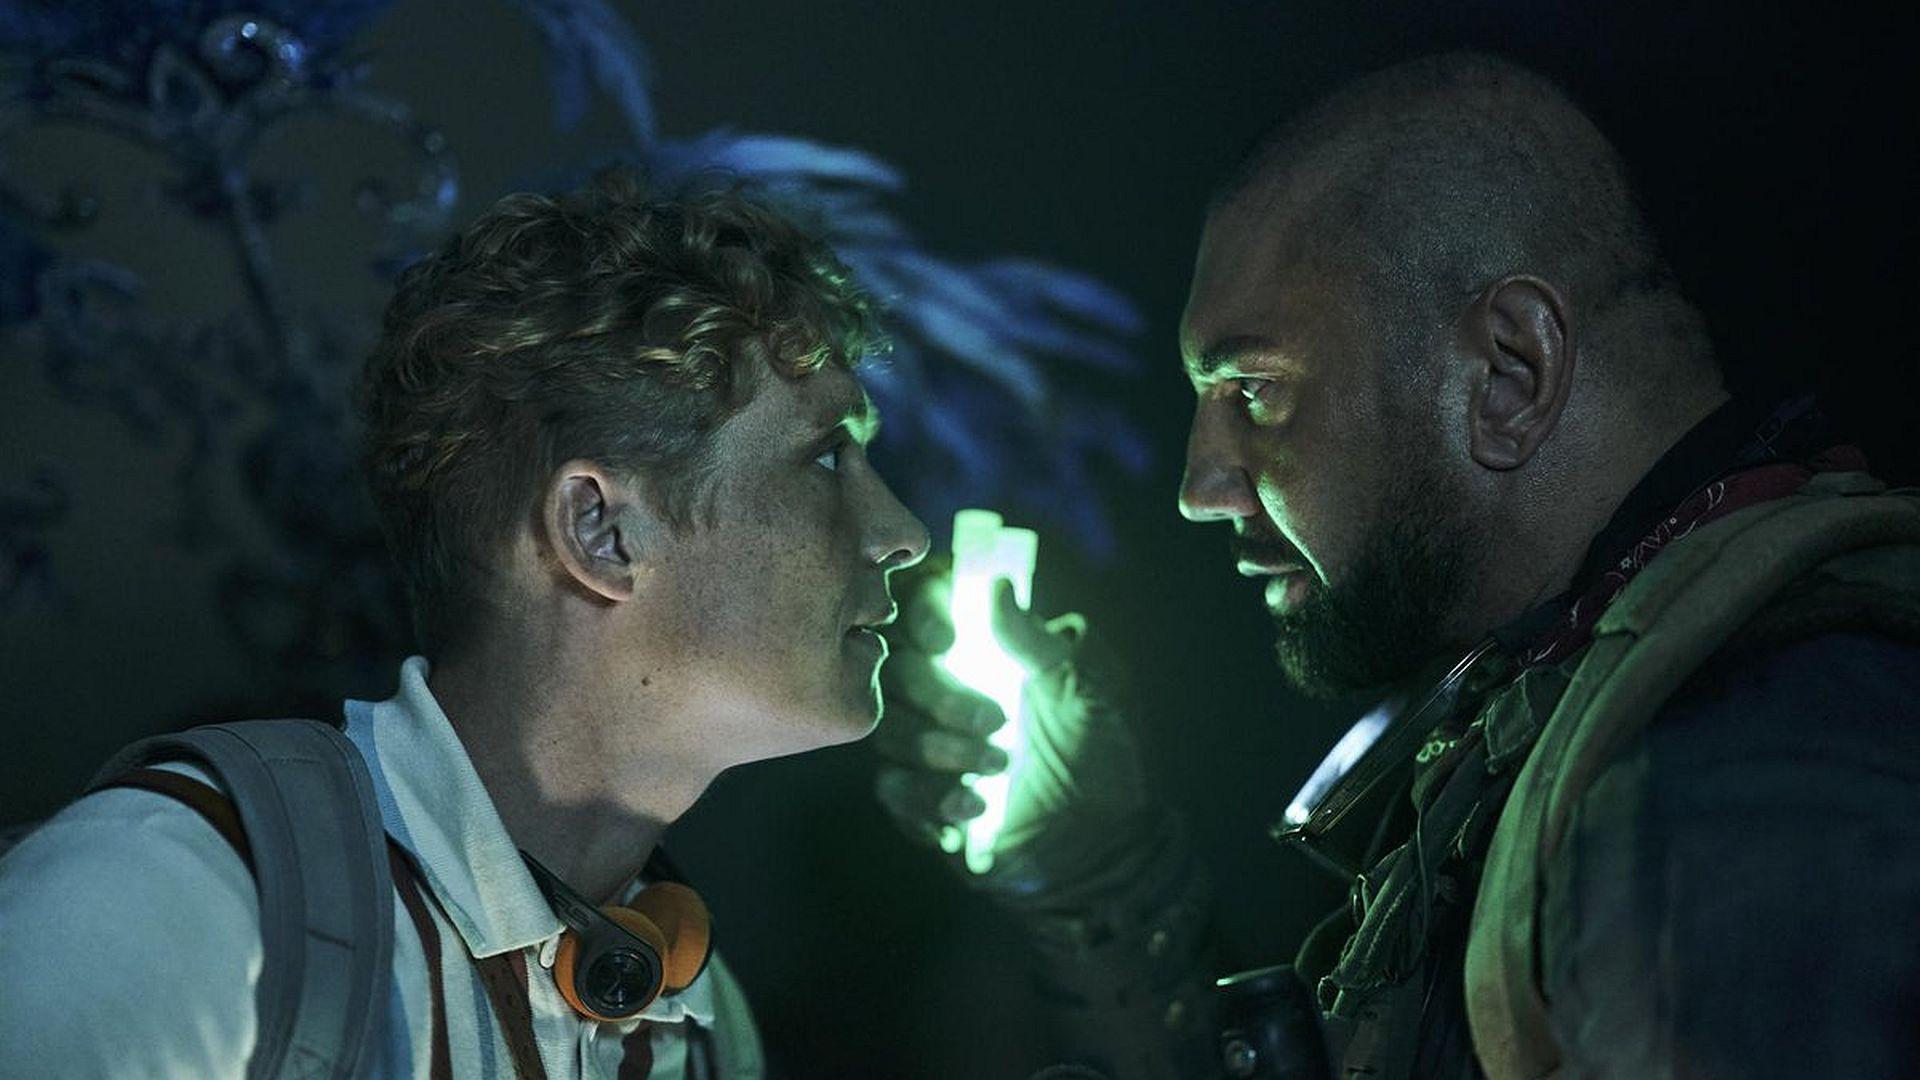 Дэйв Батиста против зомби впервом тизер-трейлере «Армии мертвецов» Зака Снайдера